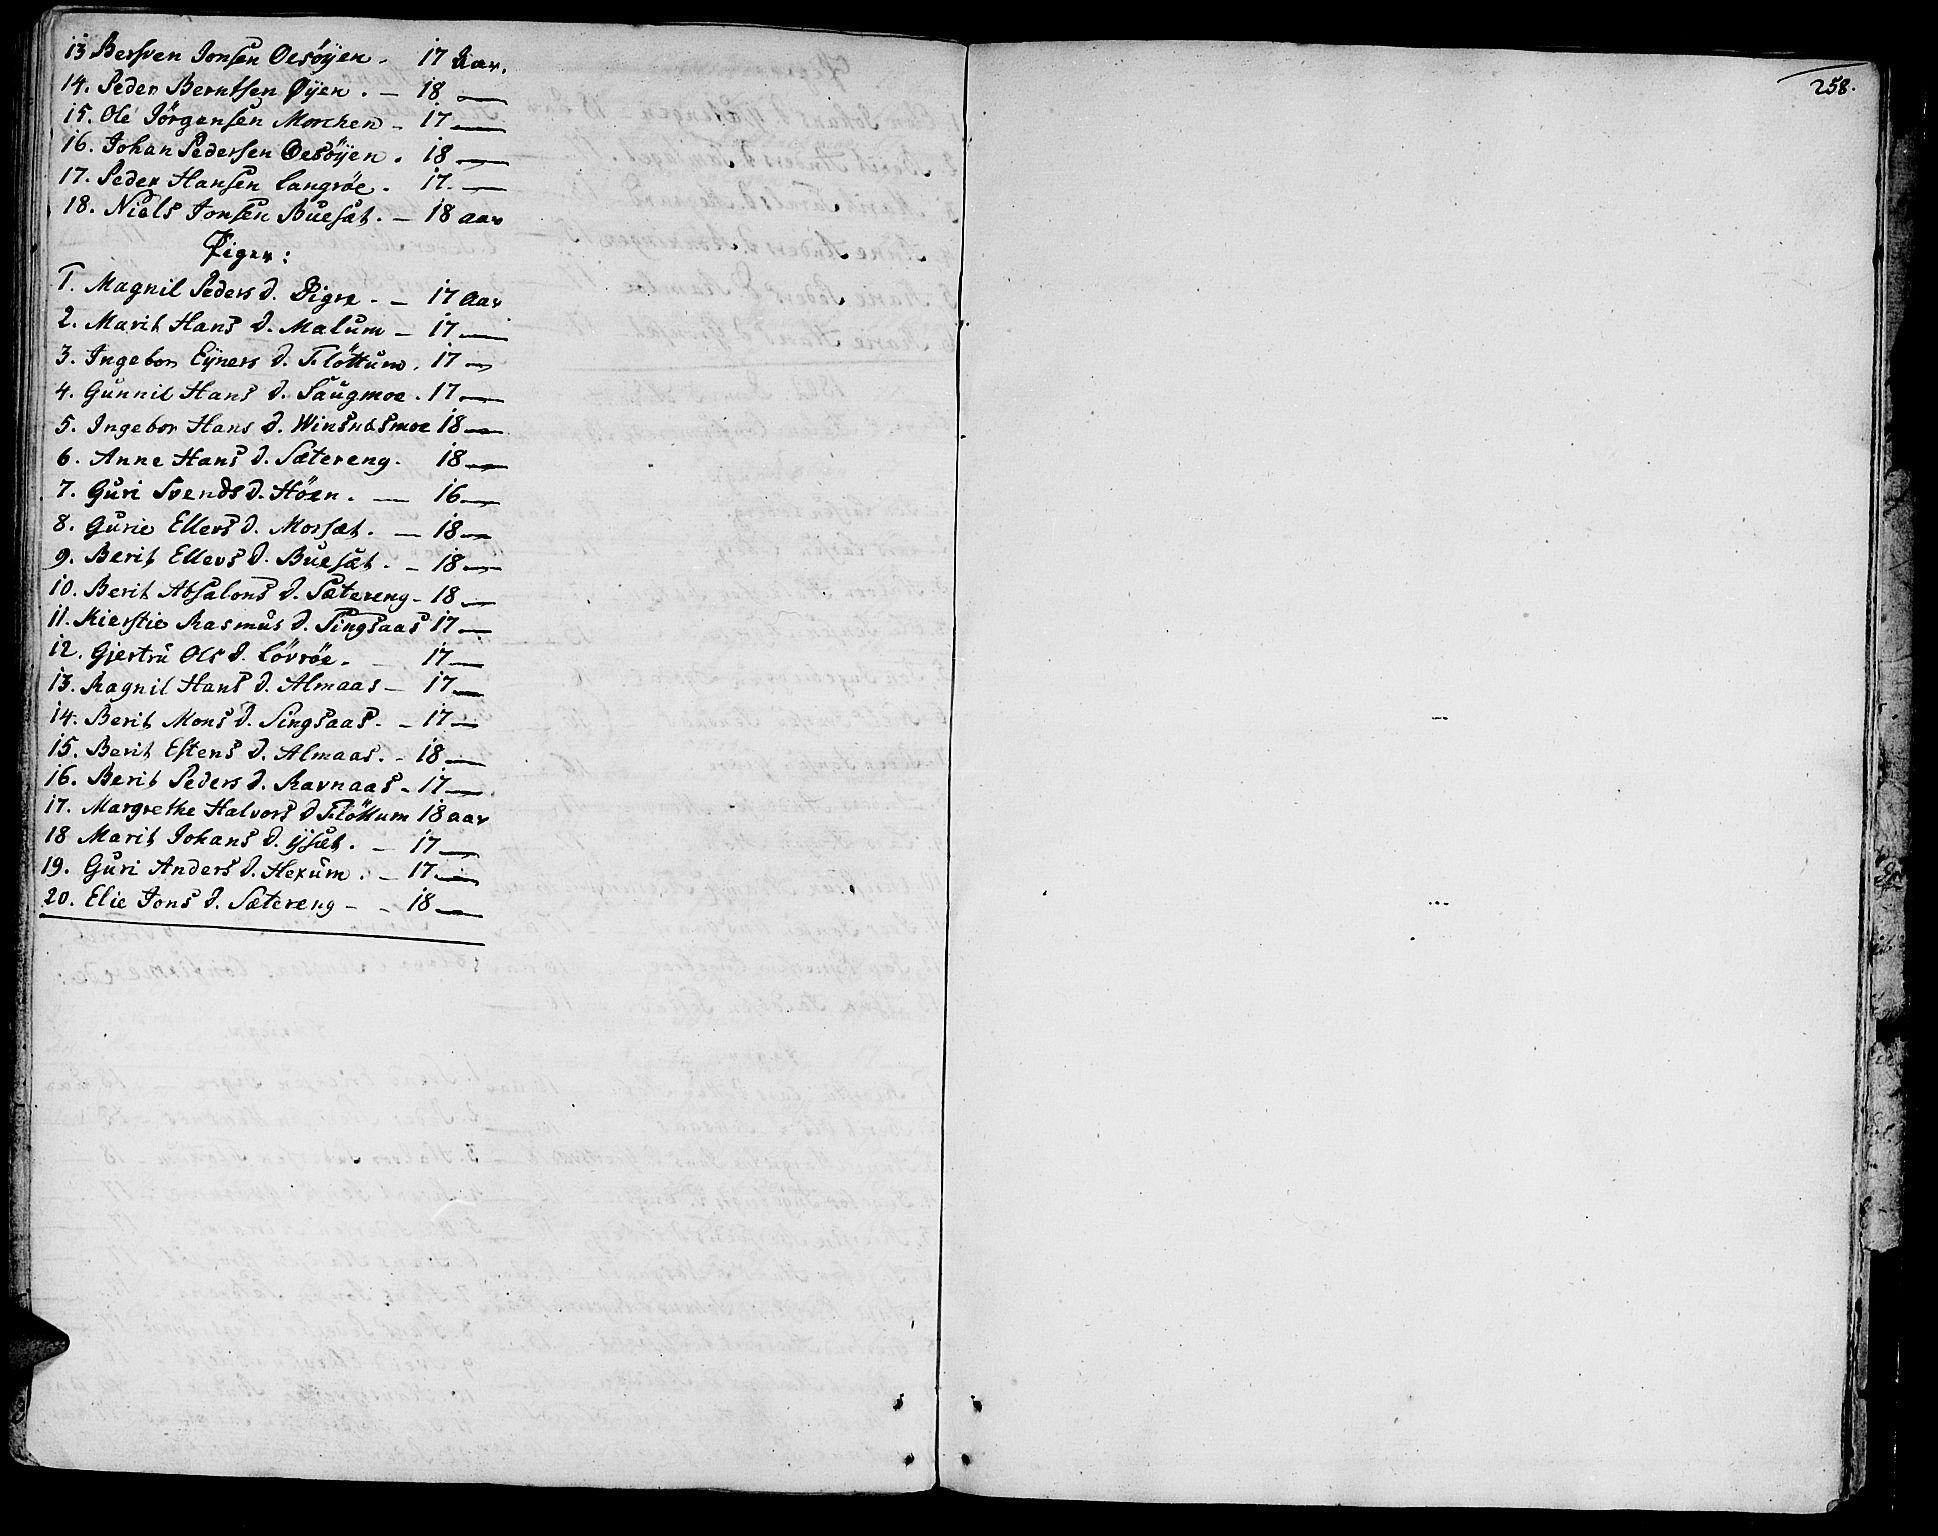 SAT, Ministerialprotokoller, klokkerbøker og fødselsregistre - Sør-Trøndelag, 685/L0952: Ministerialbok nr. 685A01, 1745-1804, s. 258